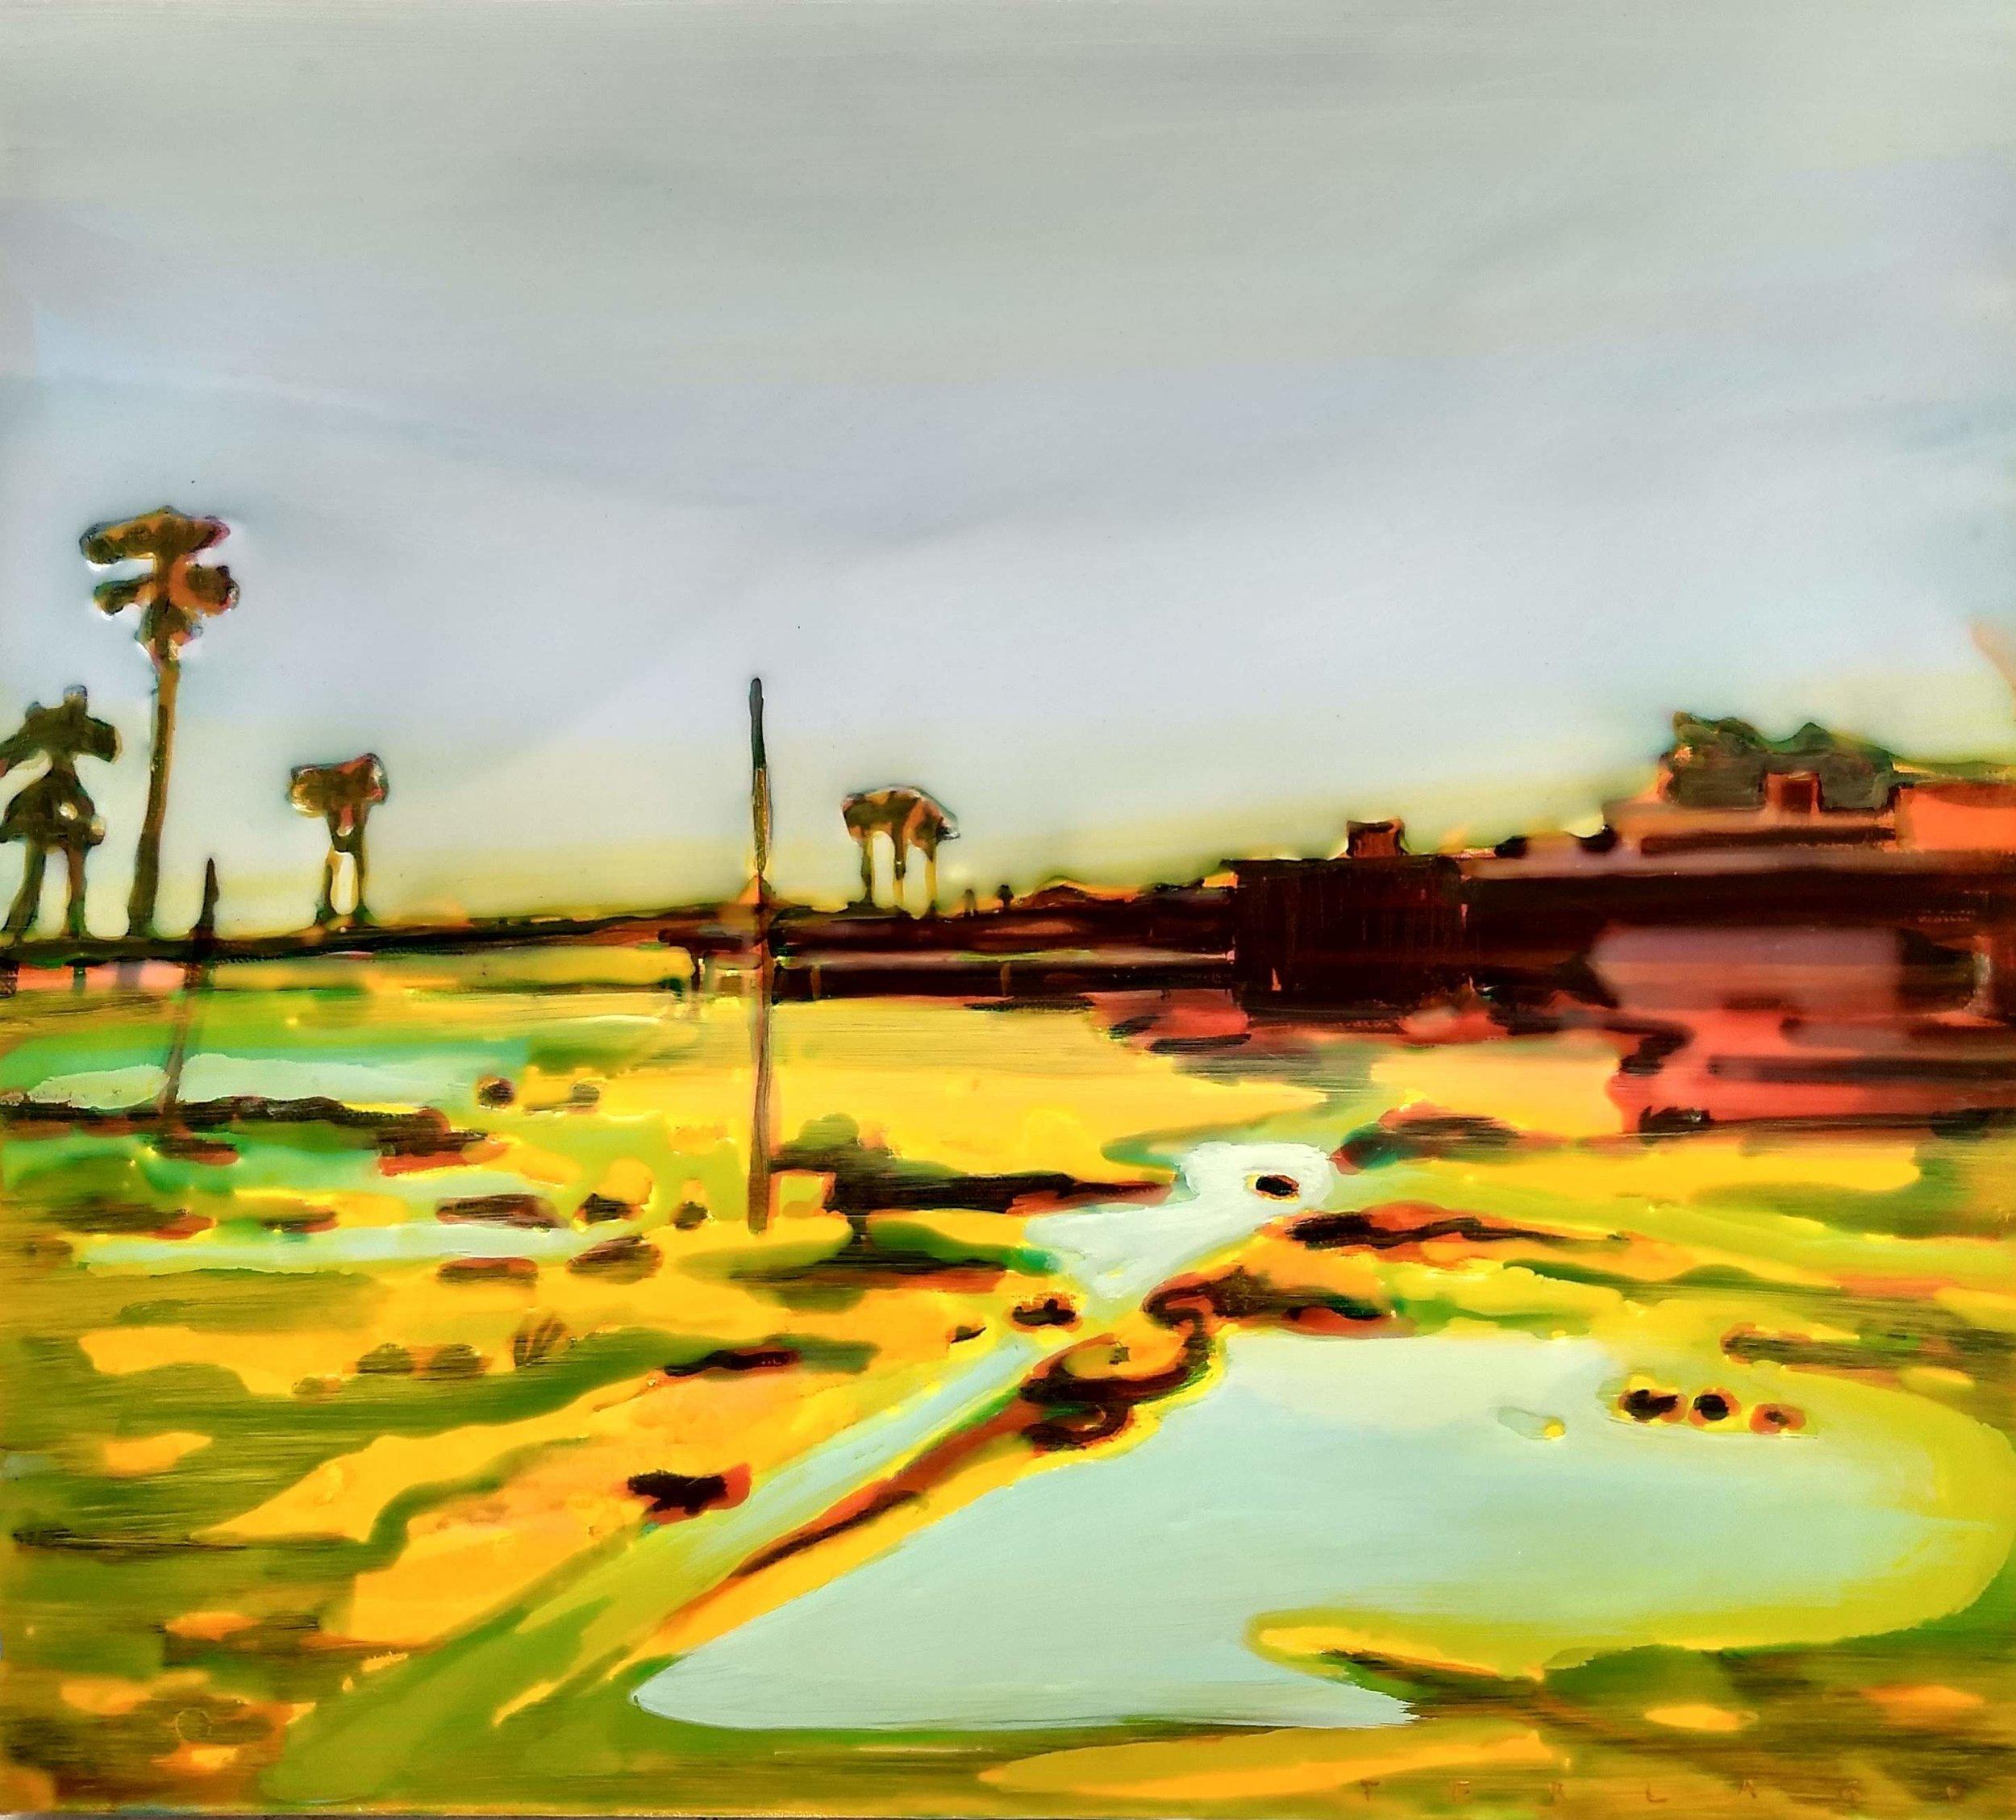 沼澤  布面丙烯酸及环氧树脂 40 x 45 cm